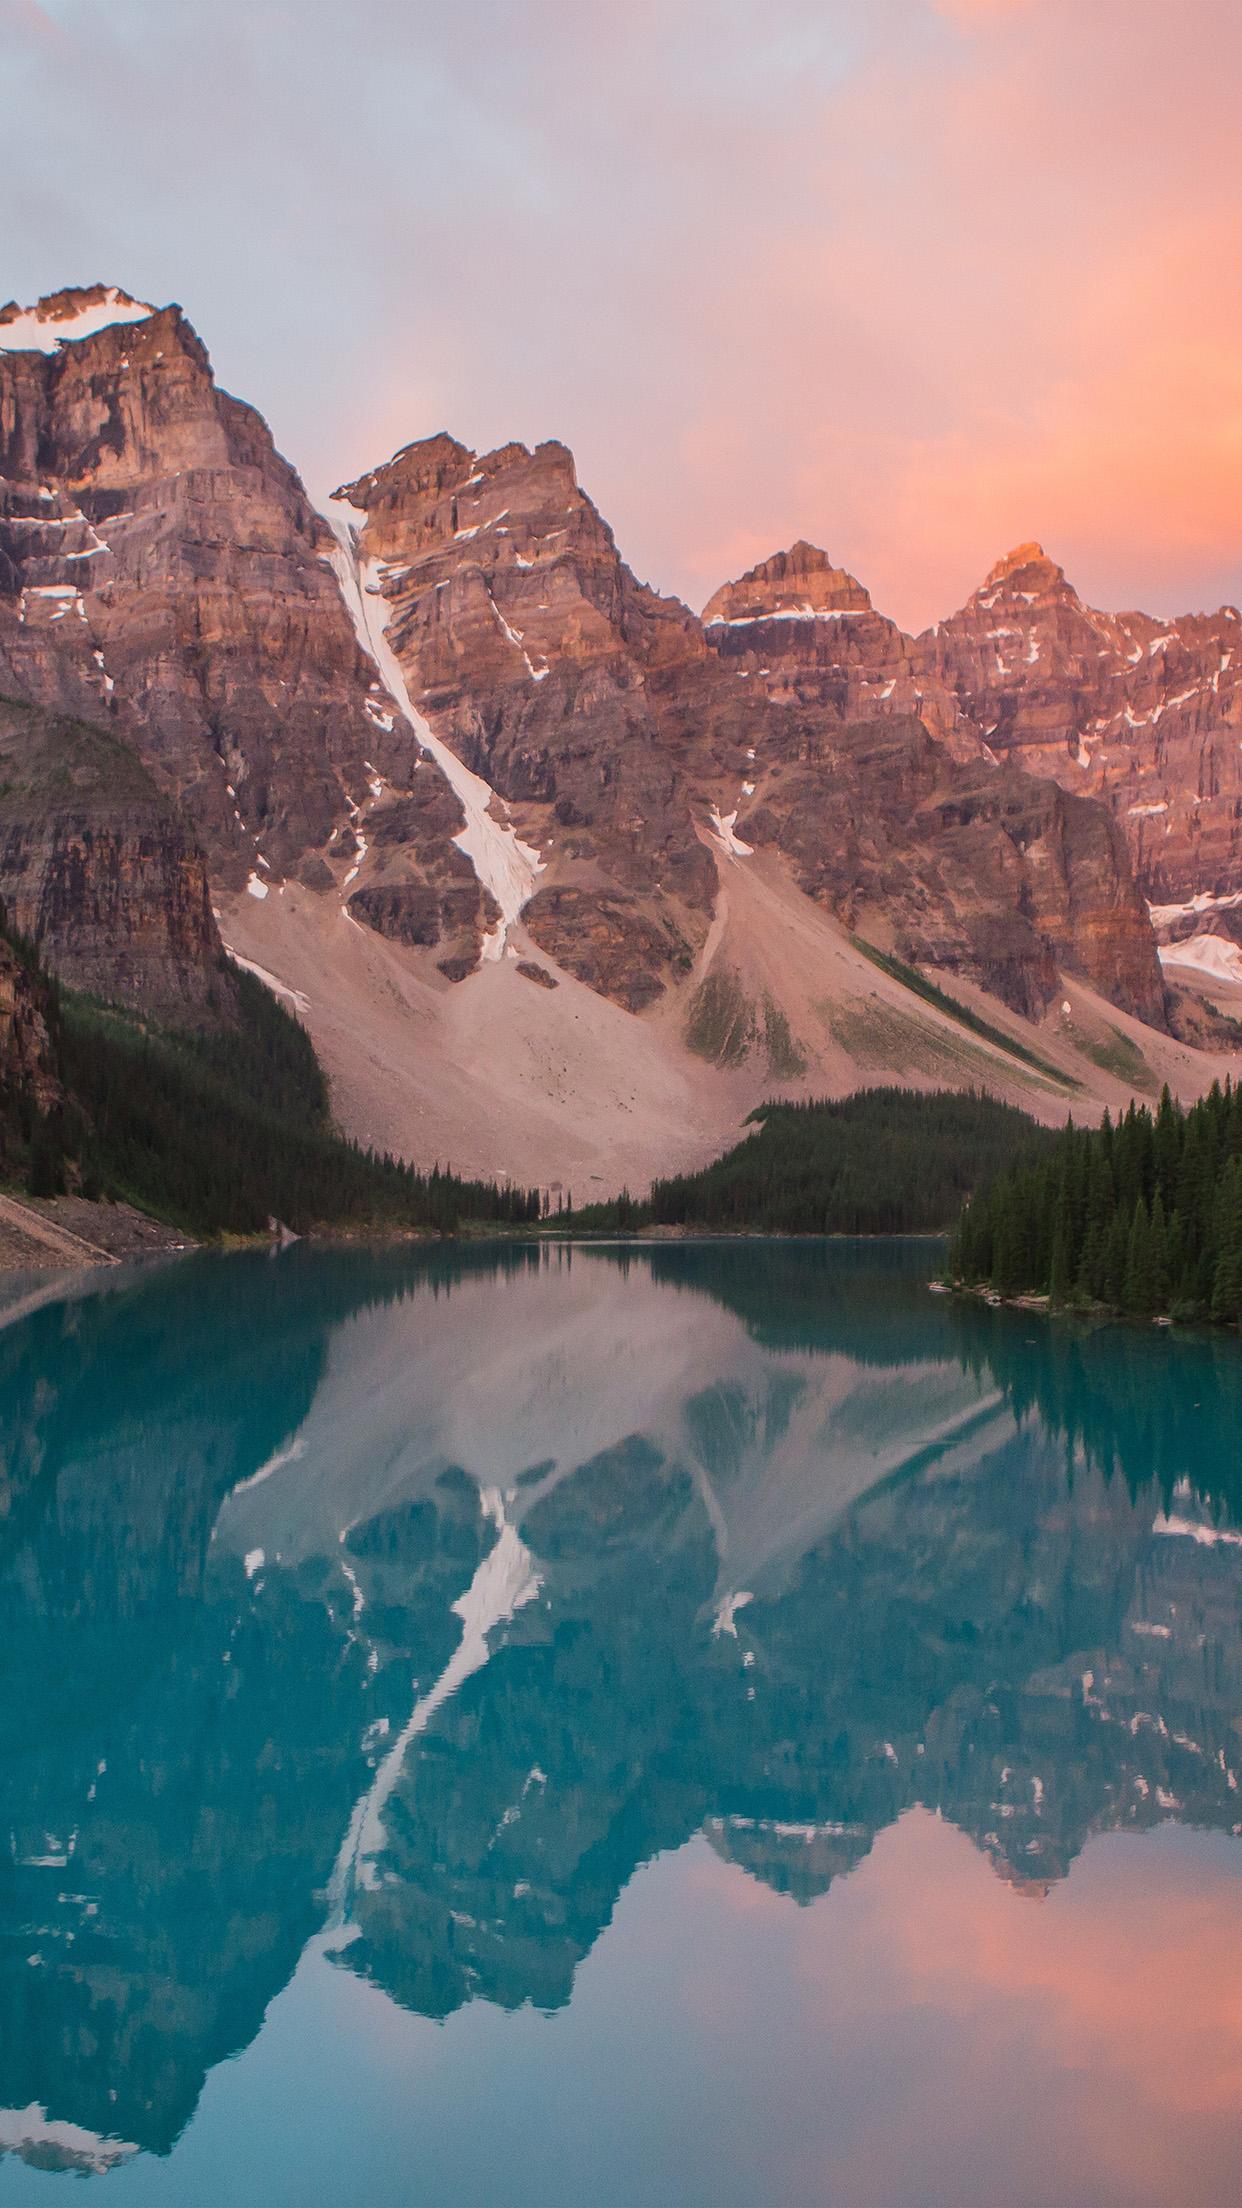 Ns24 Lake Mountain Pink Sunset Nature Wallpaper